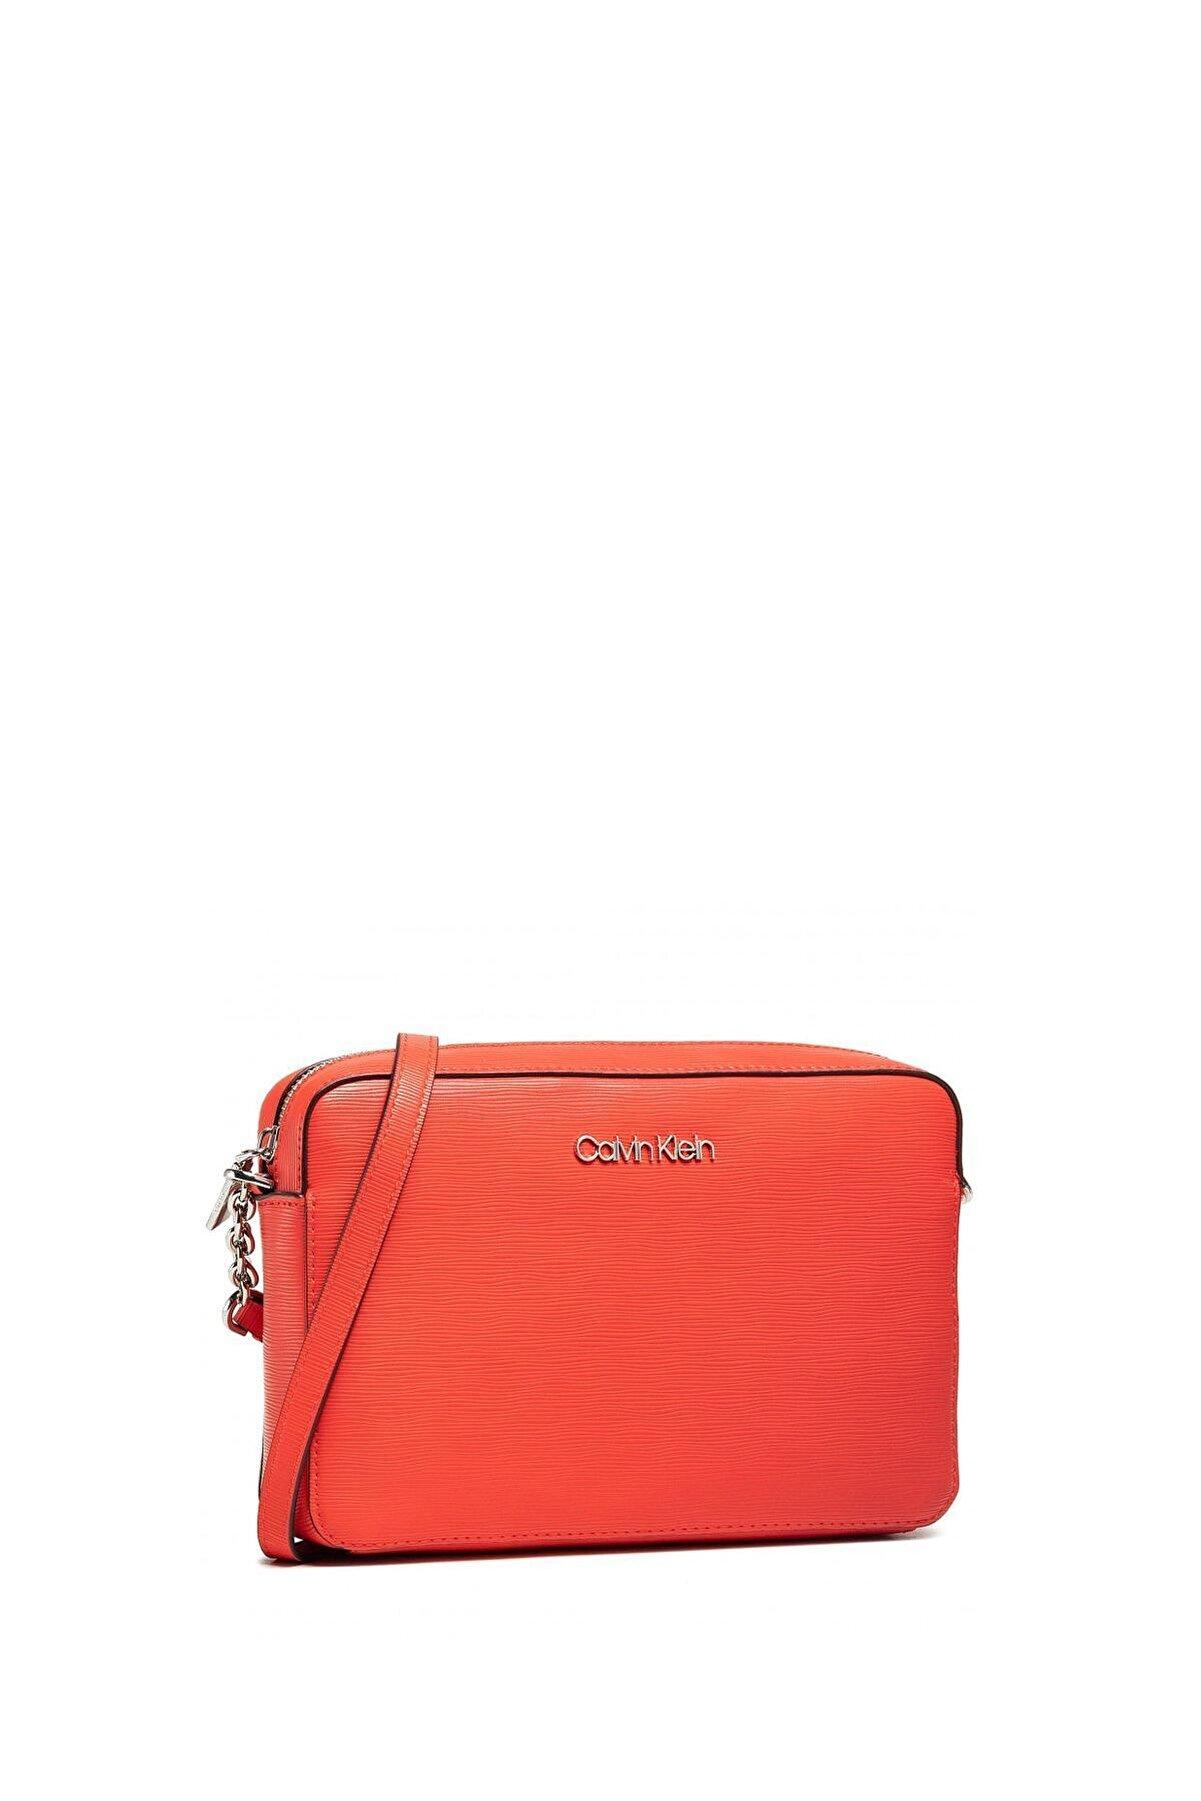 Calvin Klein Kadın Ck Must Çapraz Askılı Kadın Çantası K60k608103